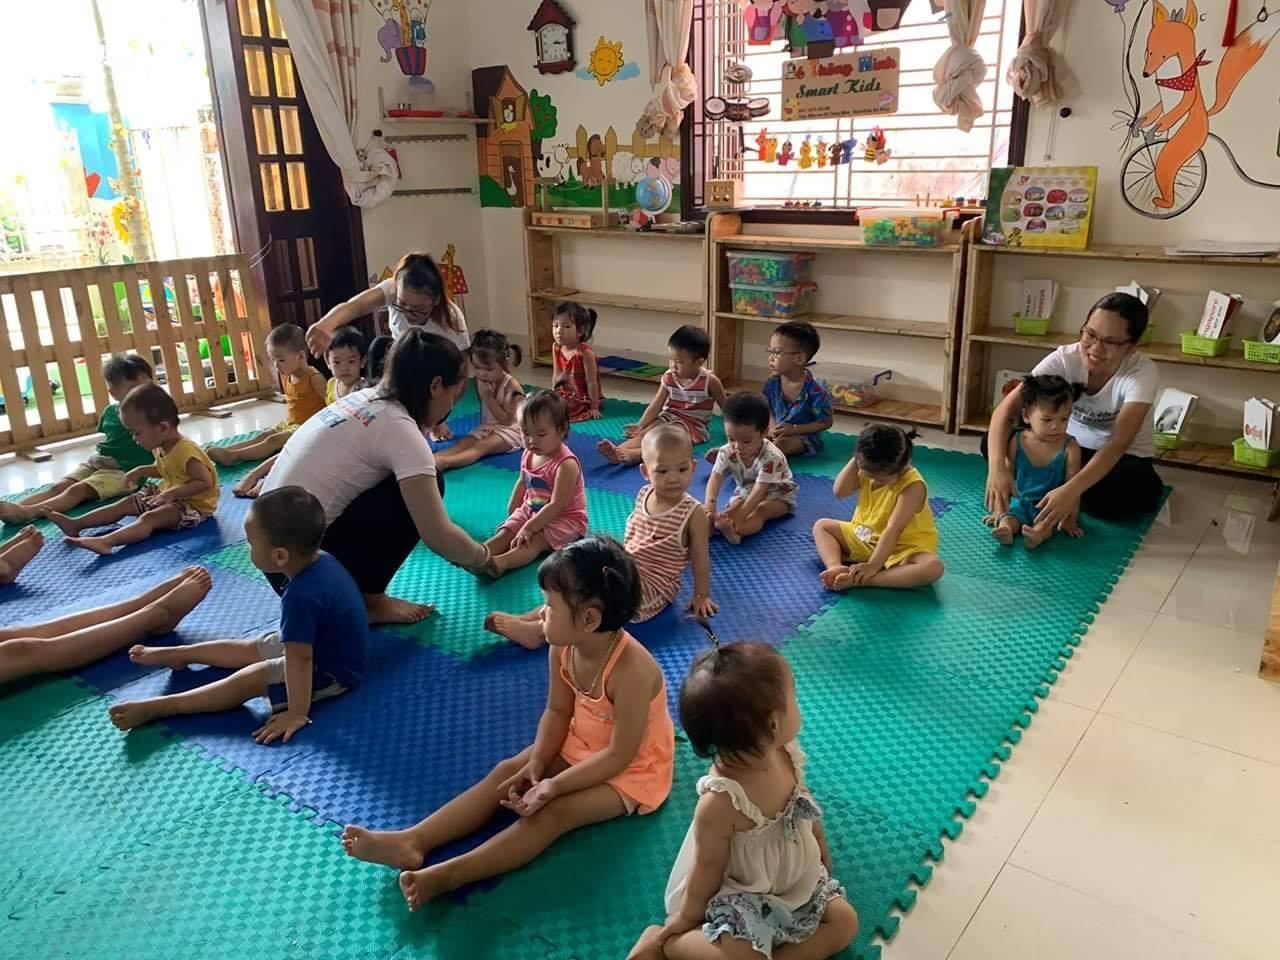 Trường mầm non Bé Thông Minh ( Smartkids ) - Nguyễn Nhàn